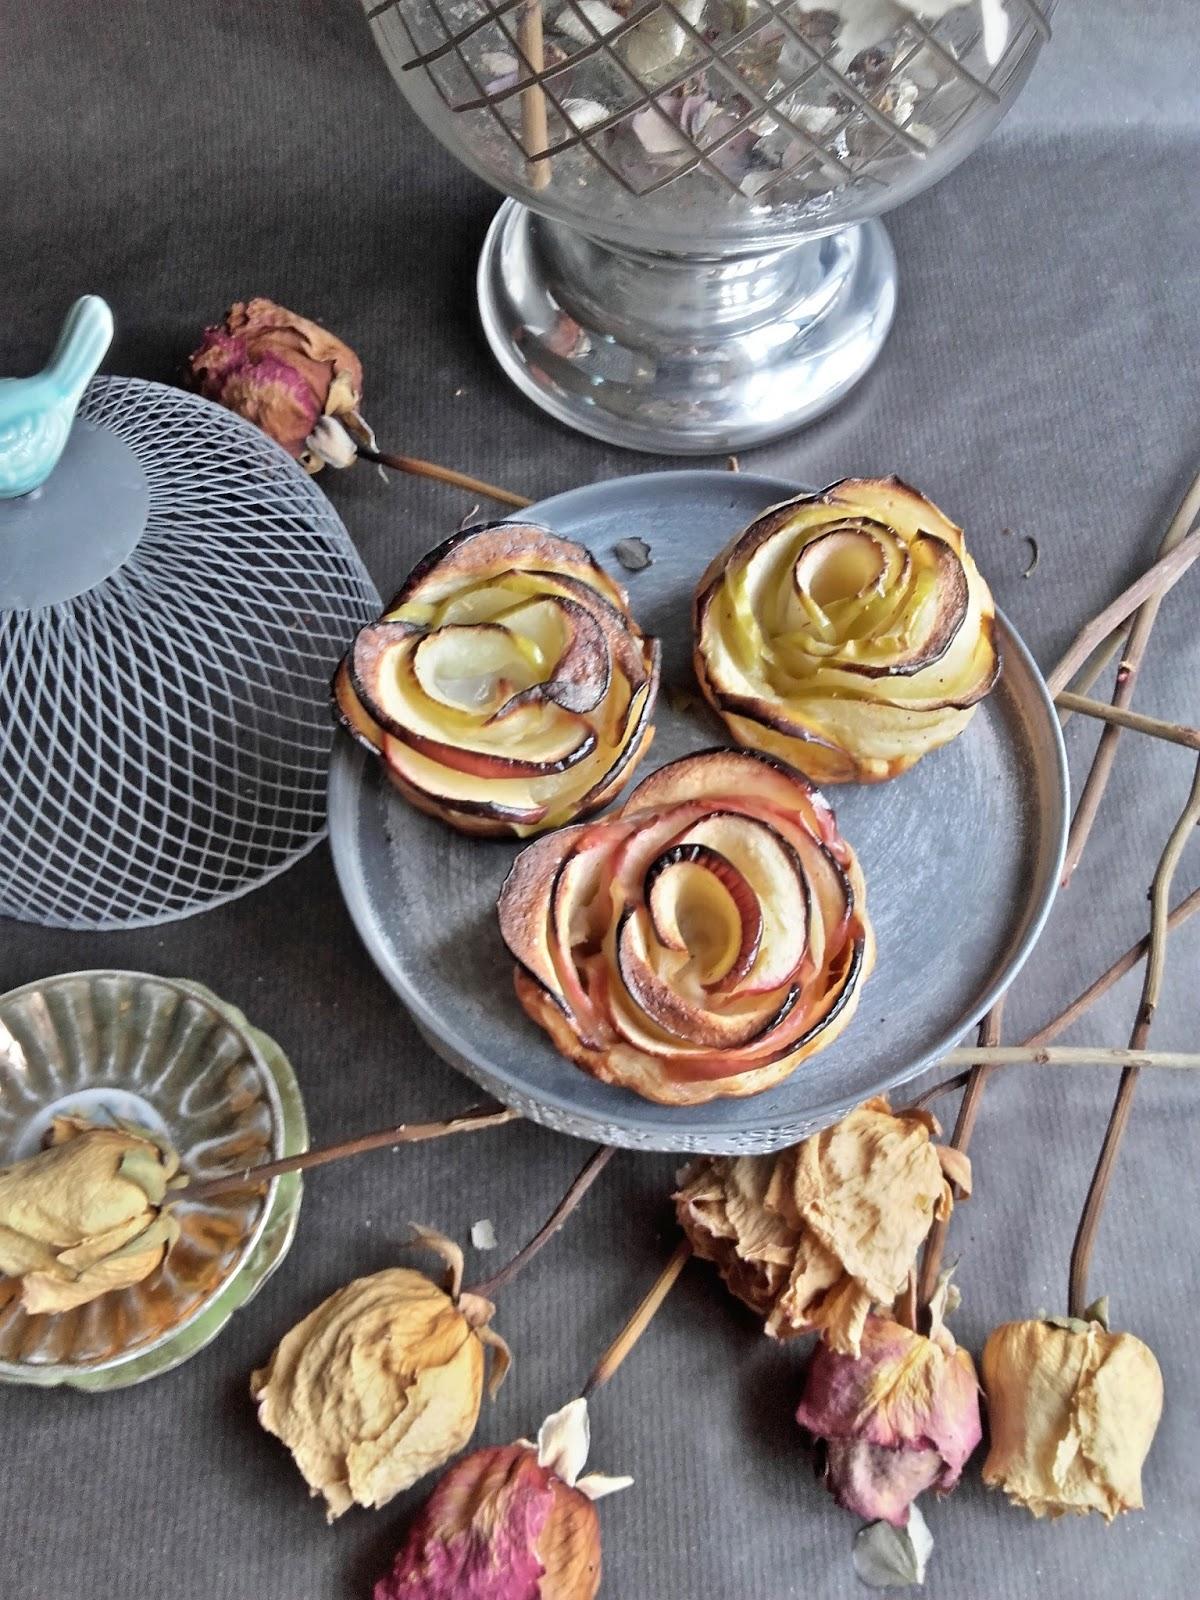 Rosas de hojaldre y manzana cocina de aprovechamiento for Cocina de aprovechamiento